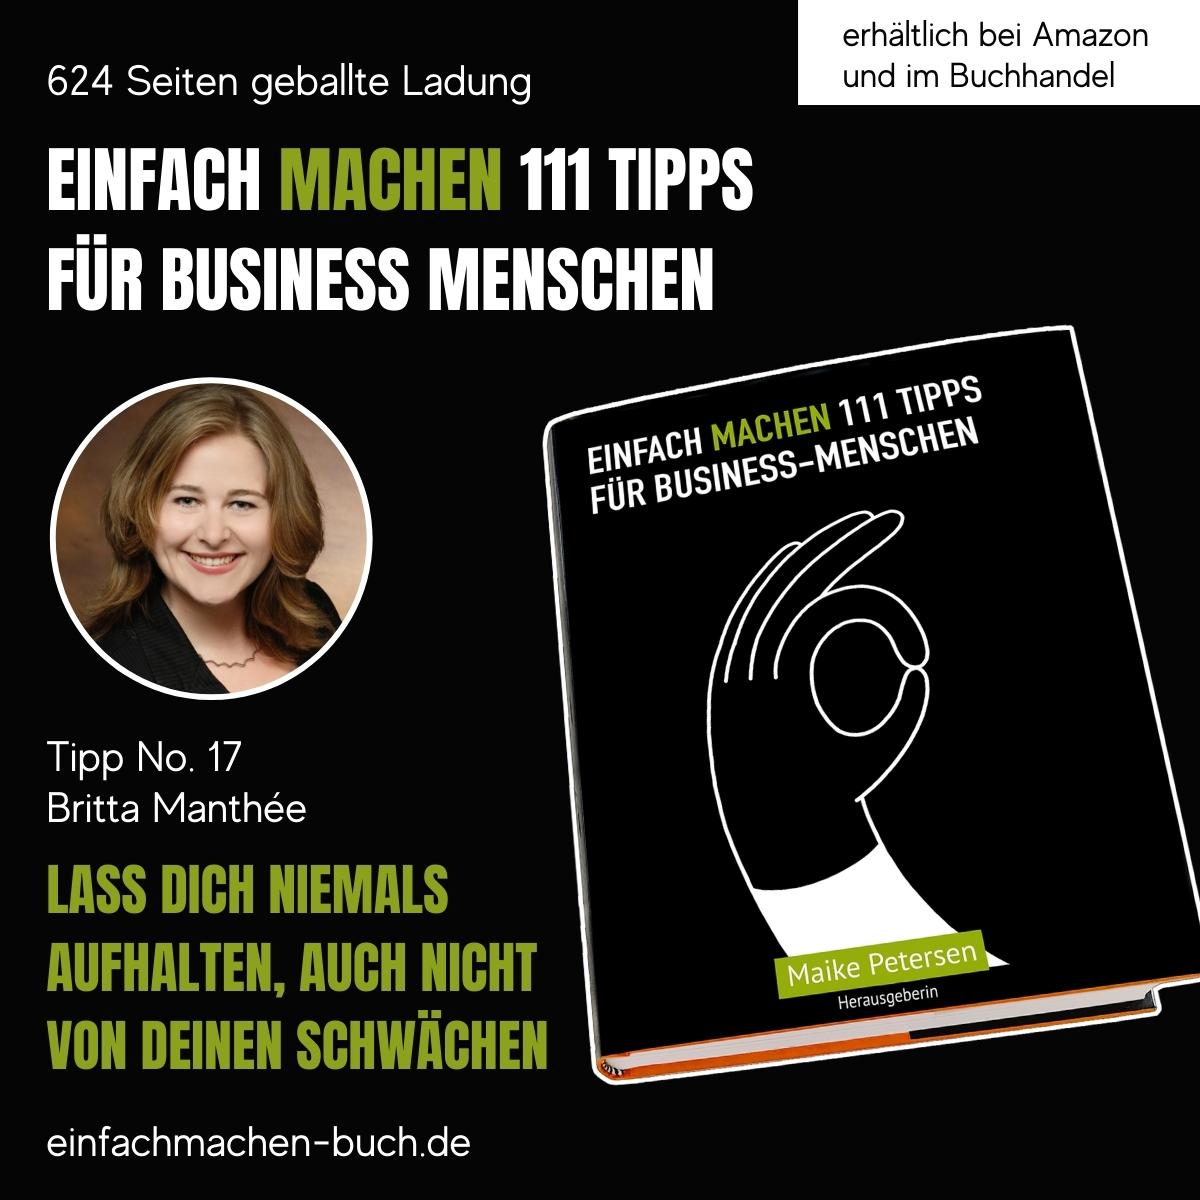 EINFACH MACHEN 111 TIPPS FÜR BUSINESS-MENSCHEN | Tipp No. 17 Britta Manthée